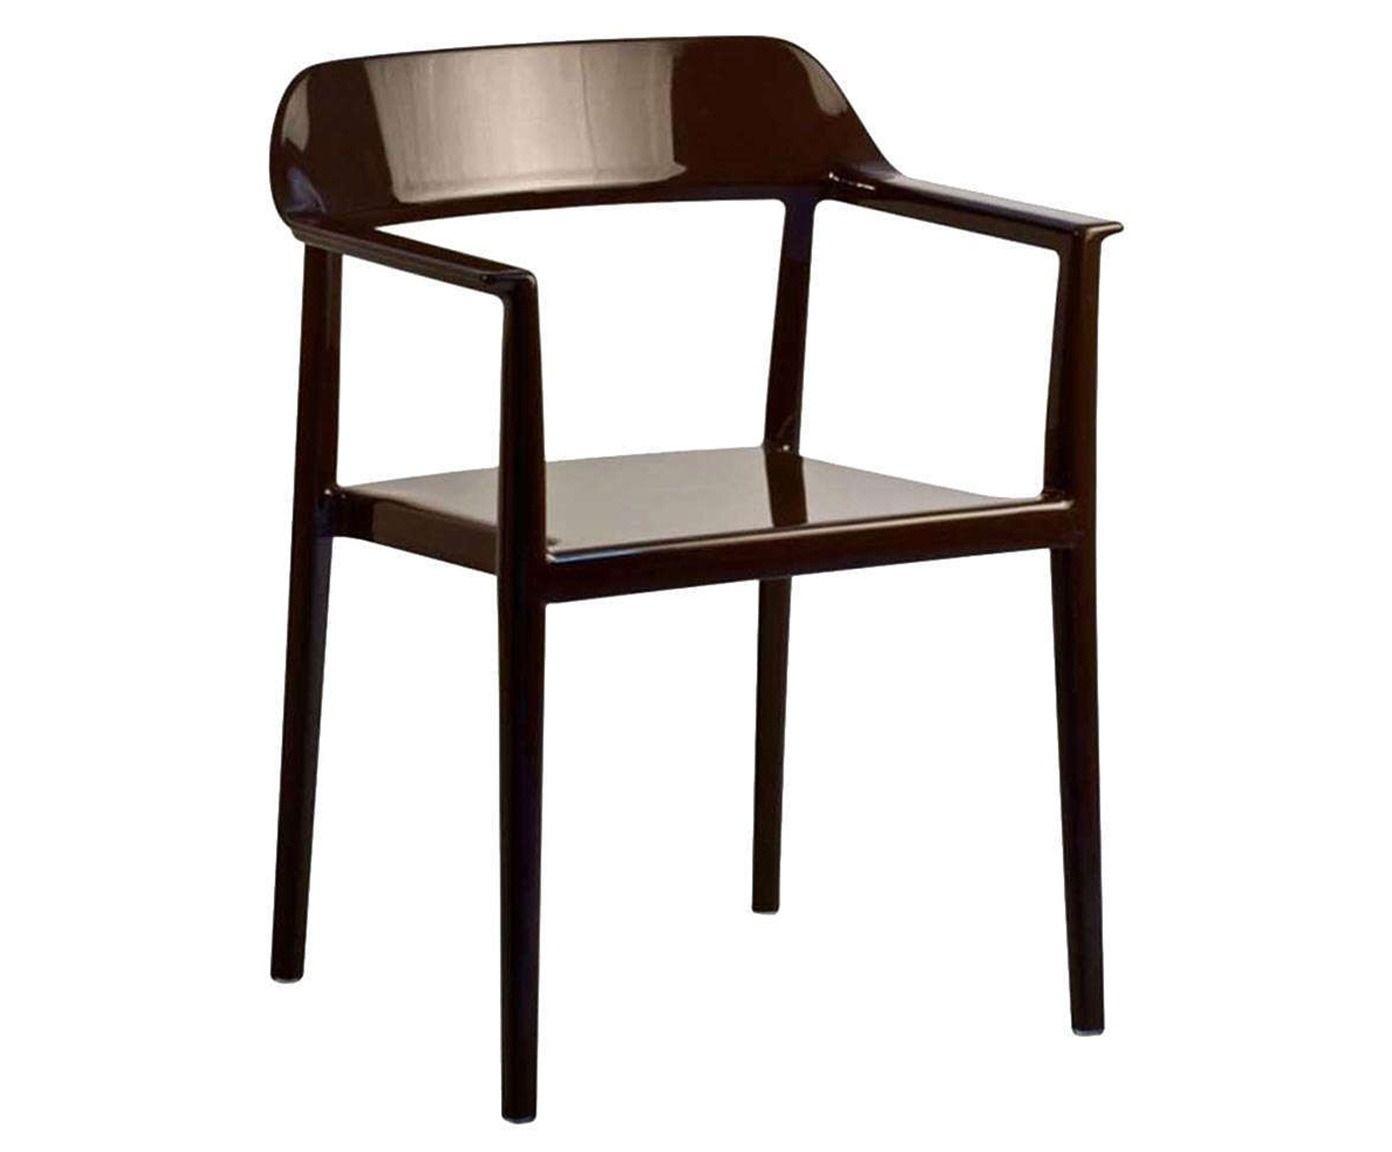 Cadeira bob | Westwing.com.br